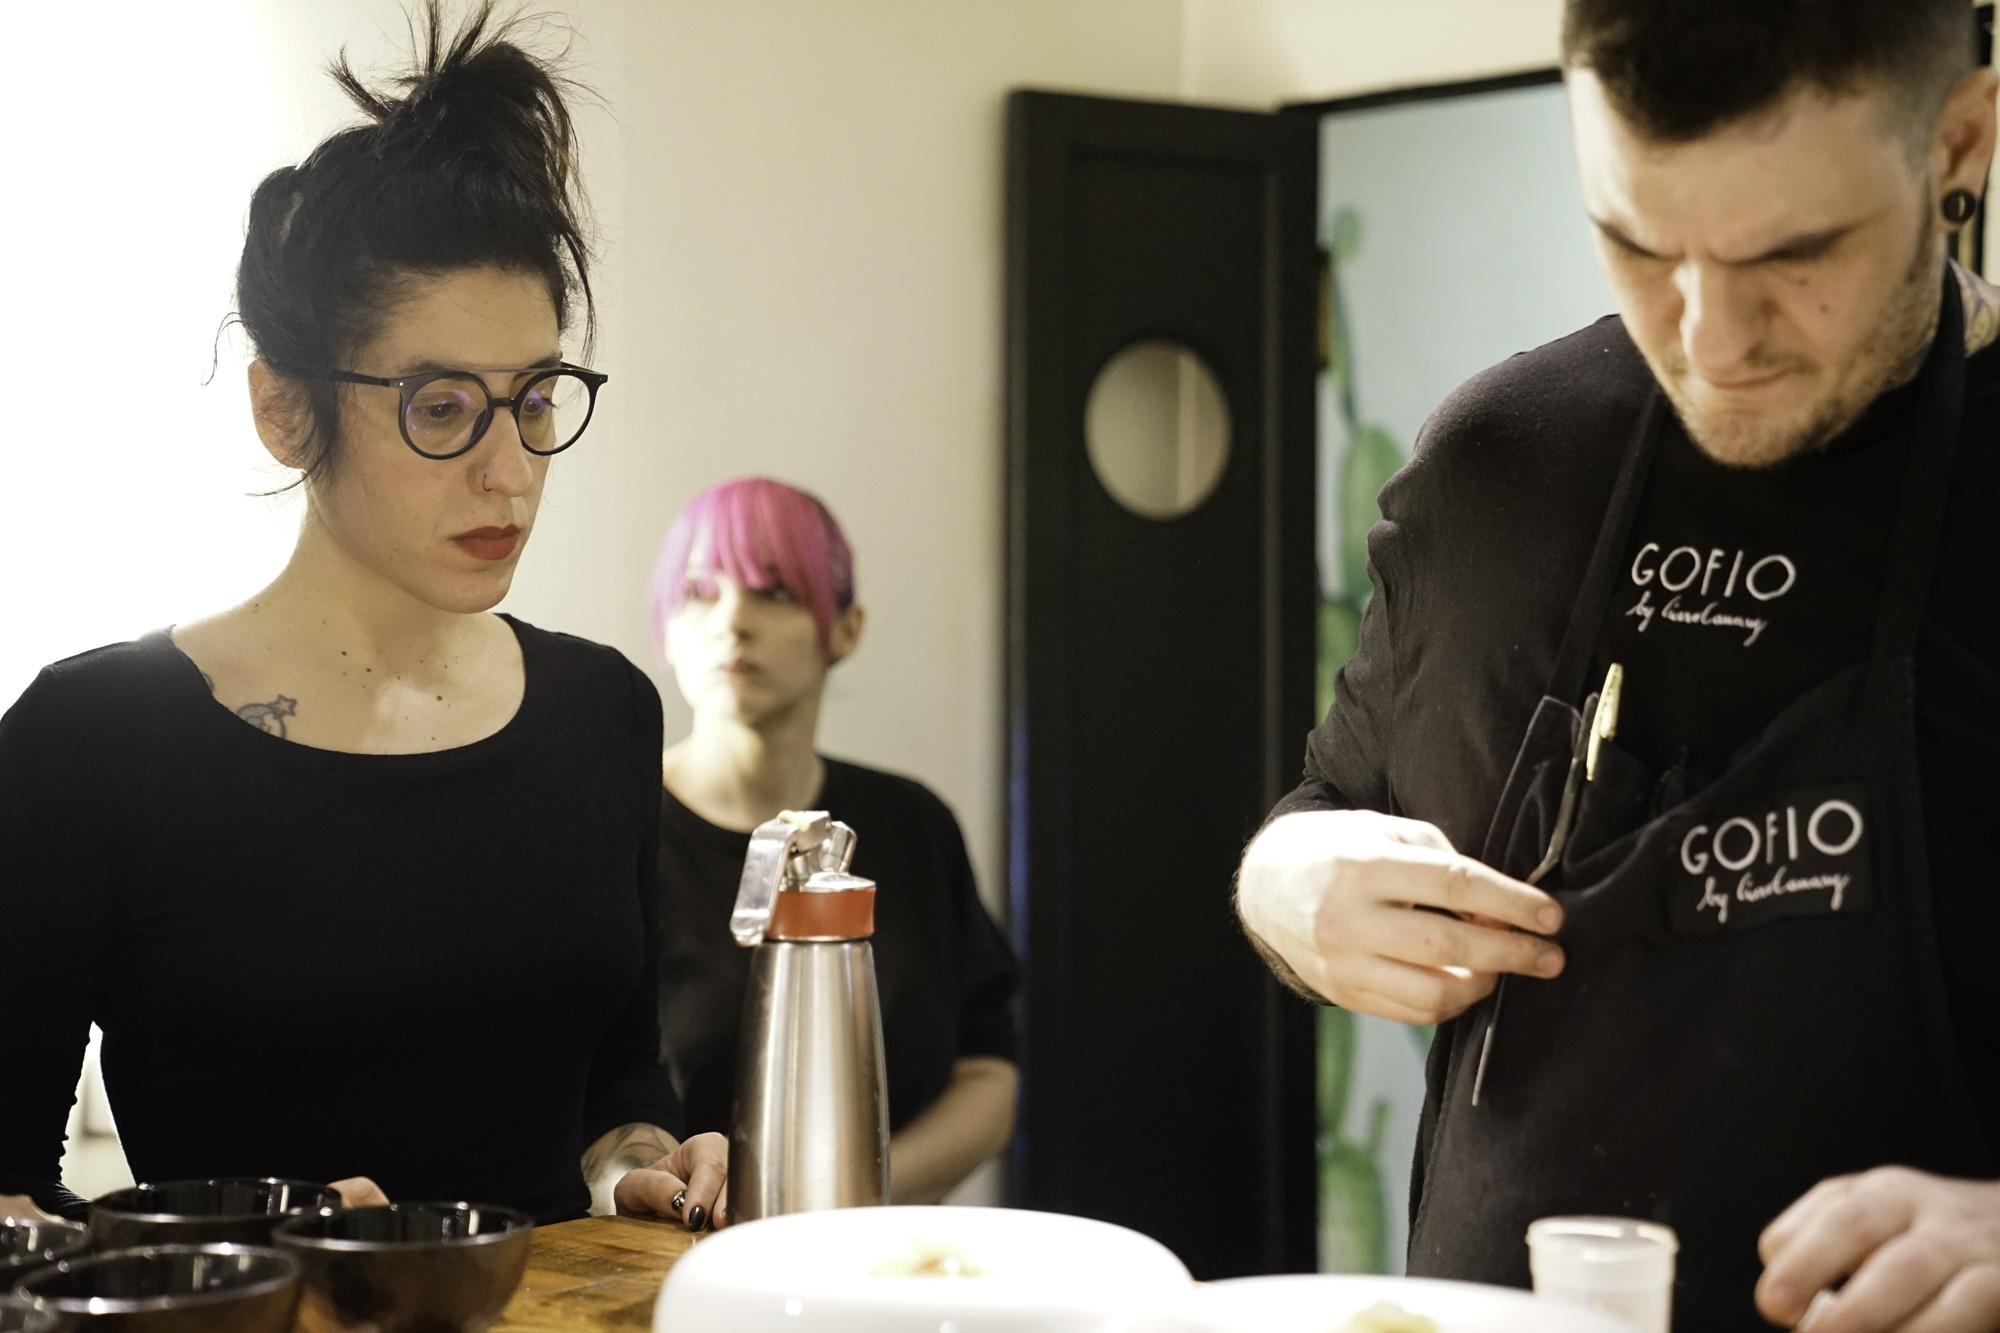 Los artífices de 'Gofio', Aída González y Sefa Cruz, en la mesa de montaje.